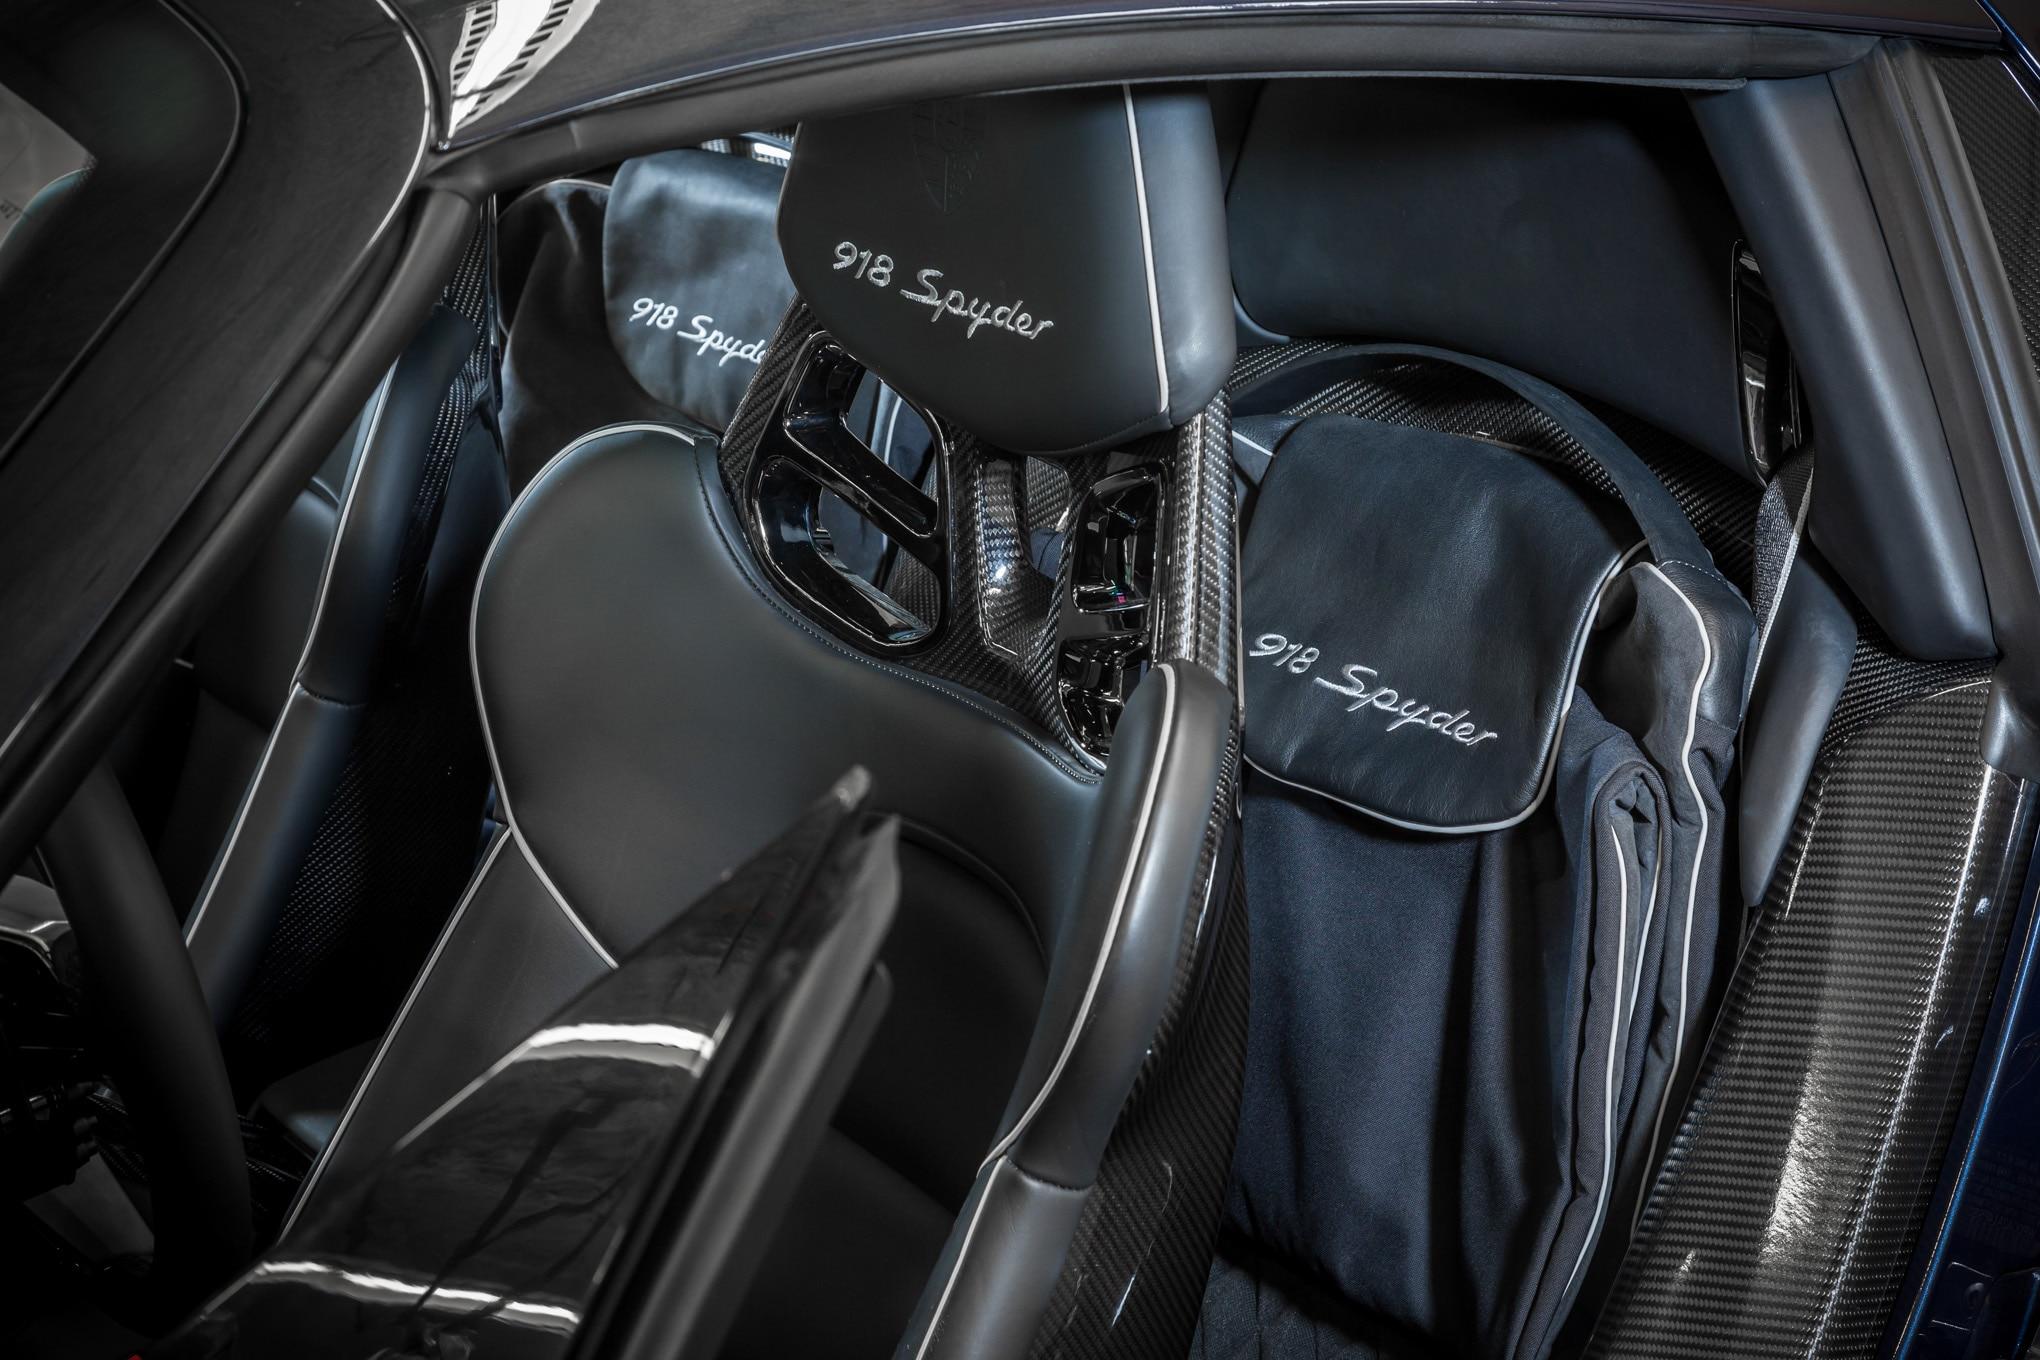 2015-Porsche-918-Spyder-interior-seats1 Elegant Porsche 918 Spyder Los Angeles Cars Trend